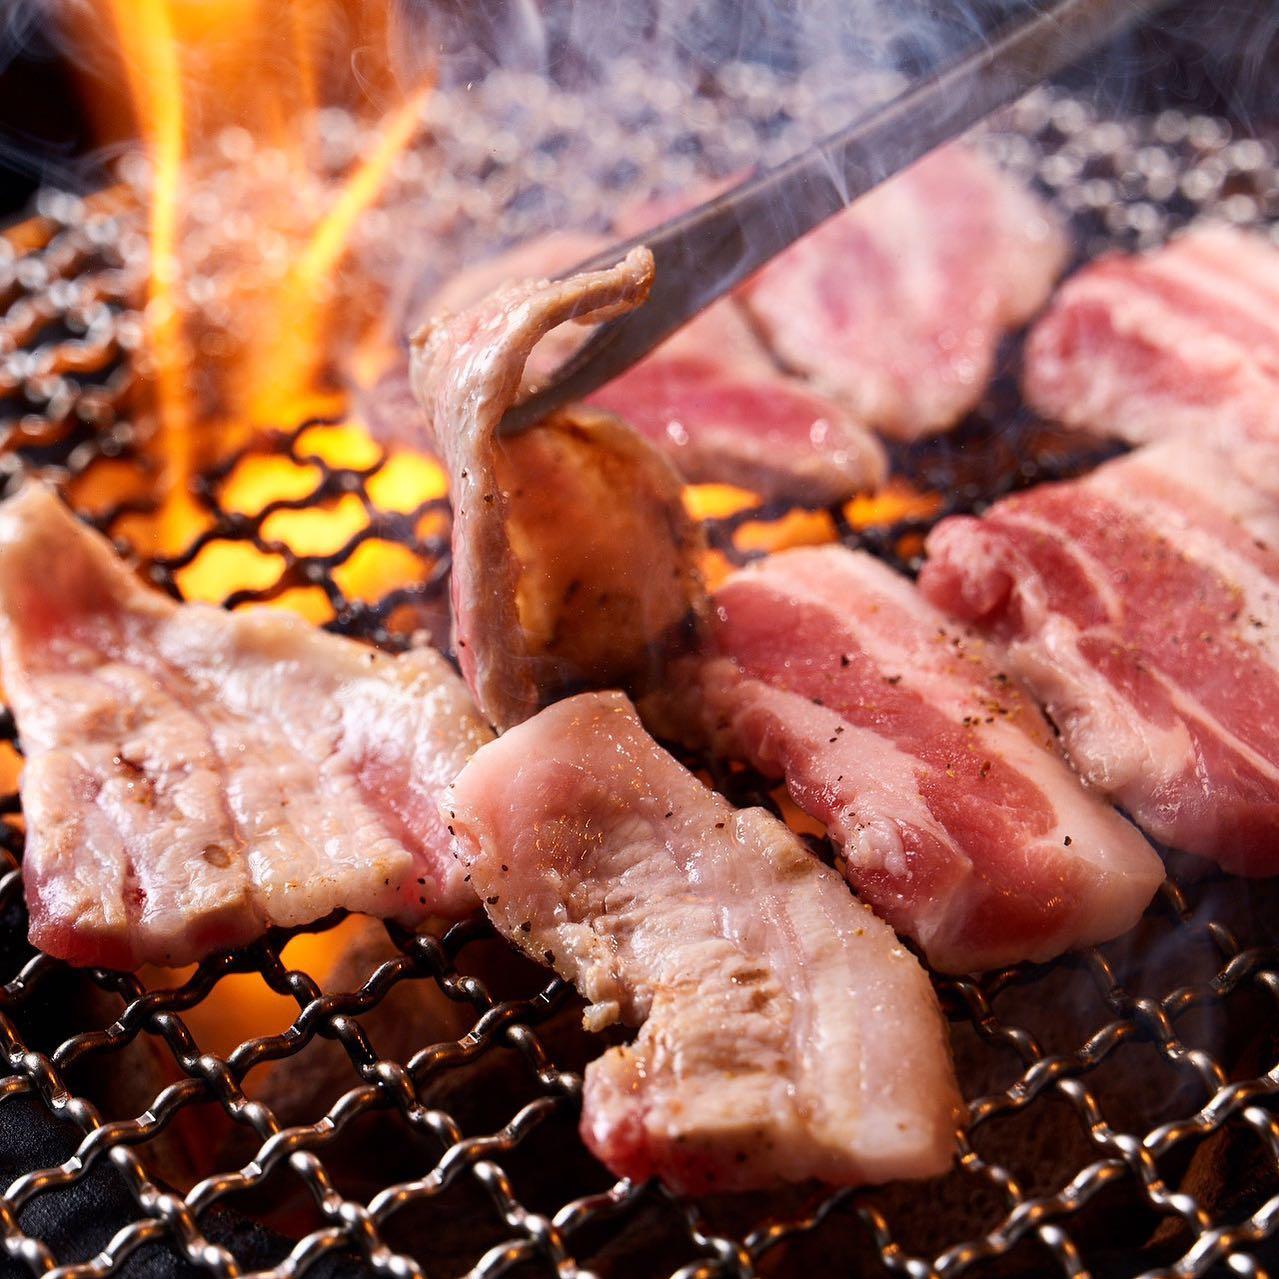 神奈川で一人焼肉におすすめのお店10選!一人焼肉専門店やカウンター席がおすすめのお店まとめ